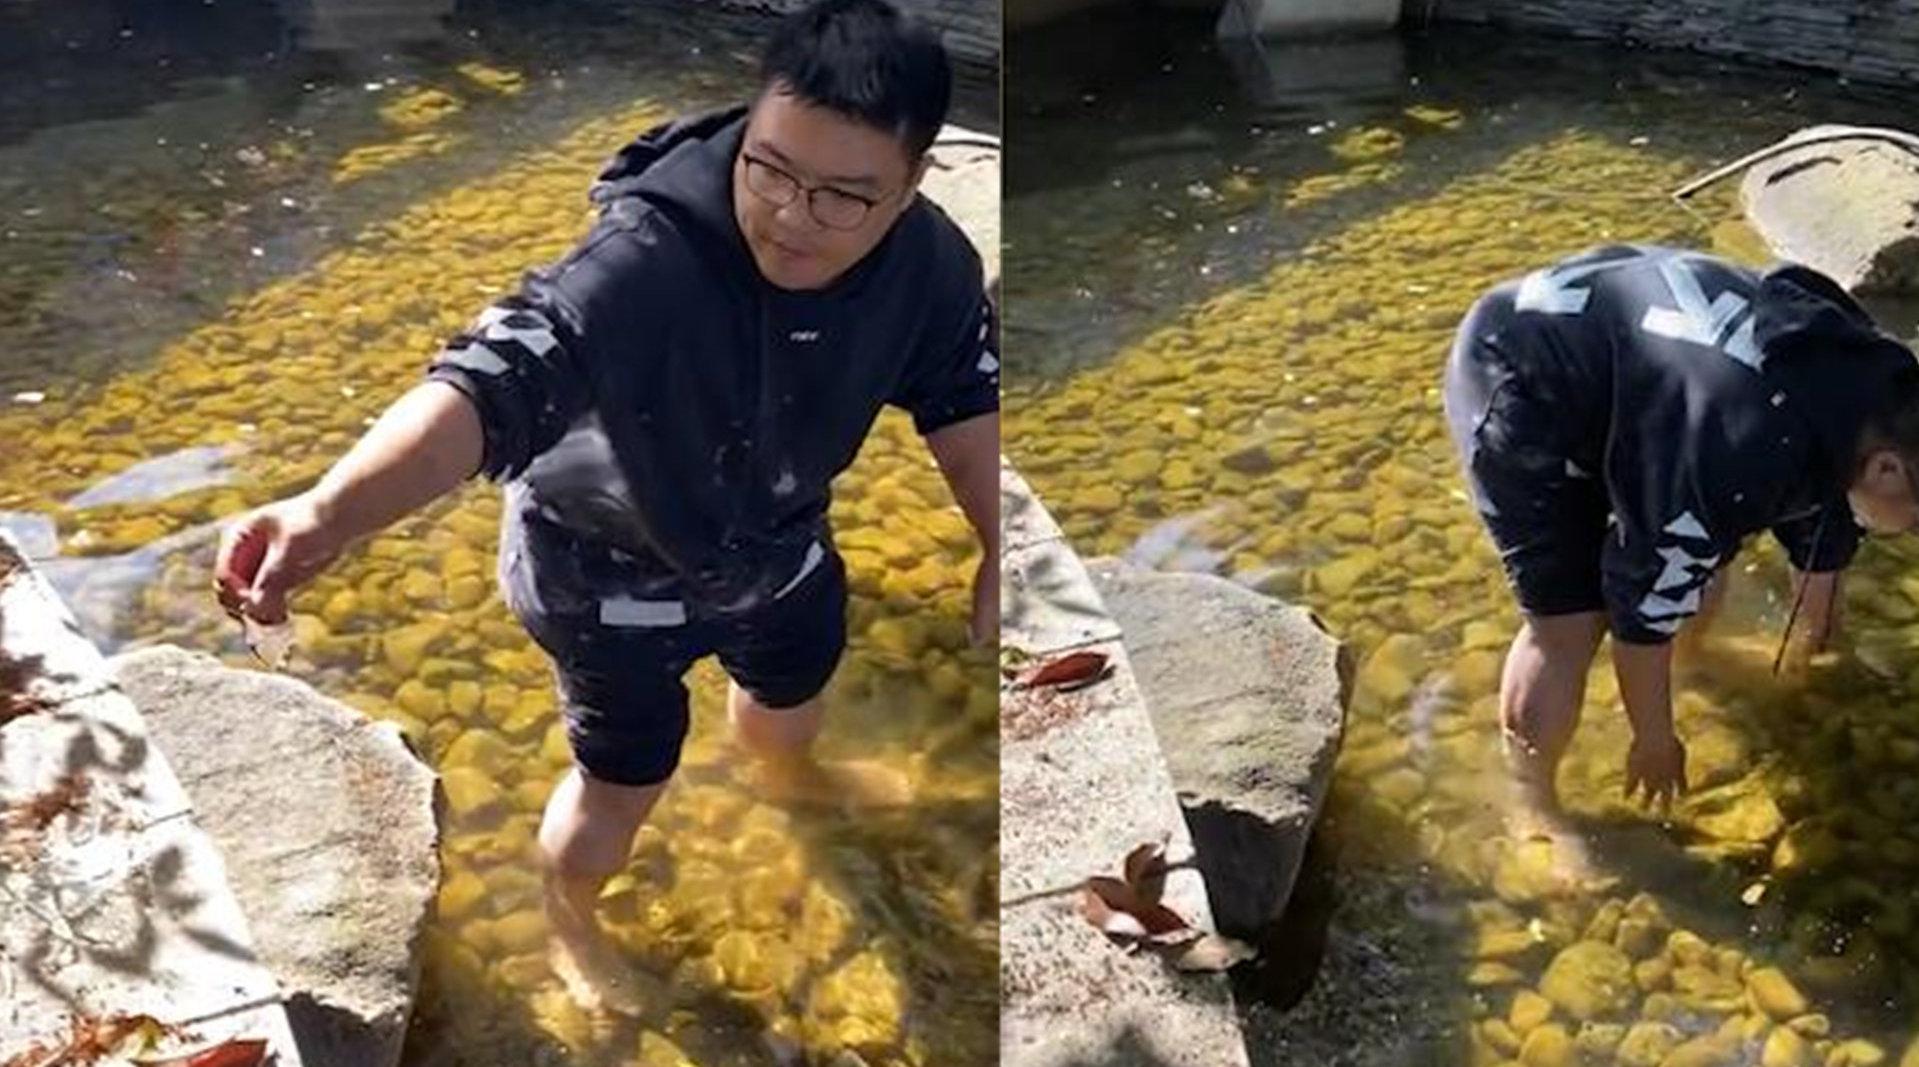 萌宝池塘边玩耍打碎玻璃瓶,爸爸不顾寒冷光脚下水捡碎片